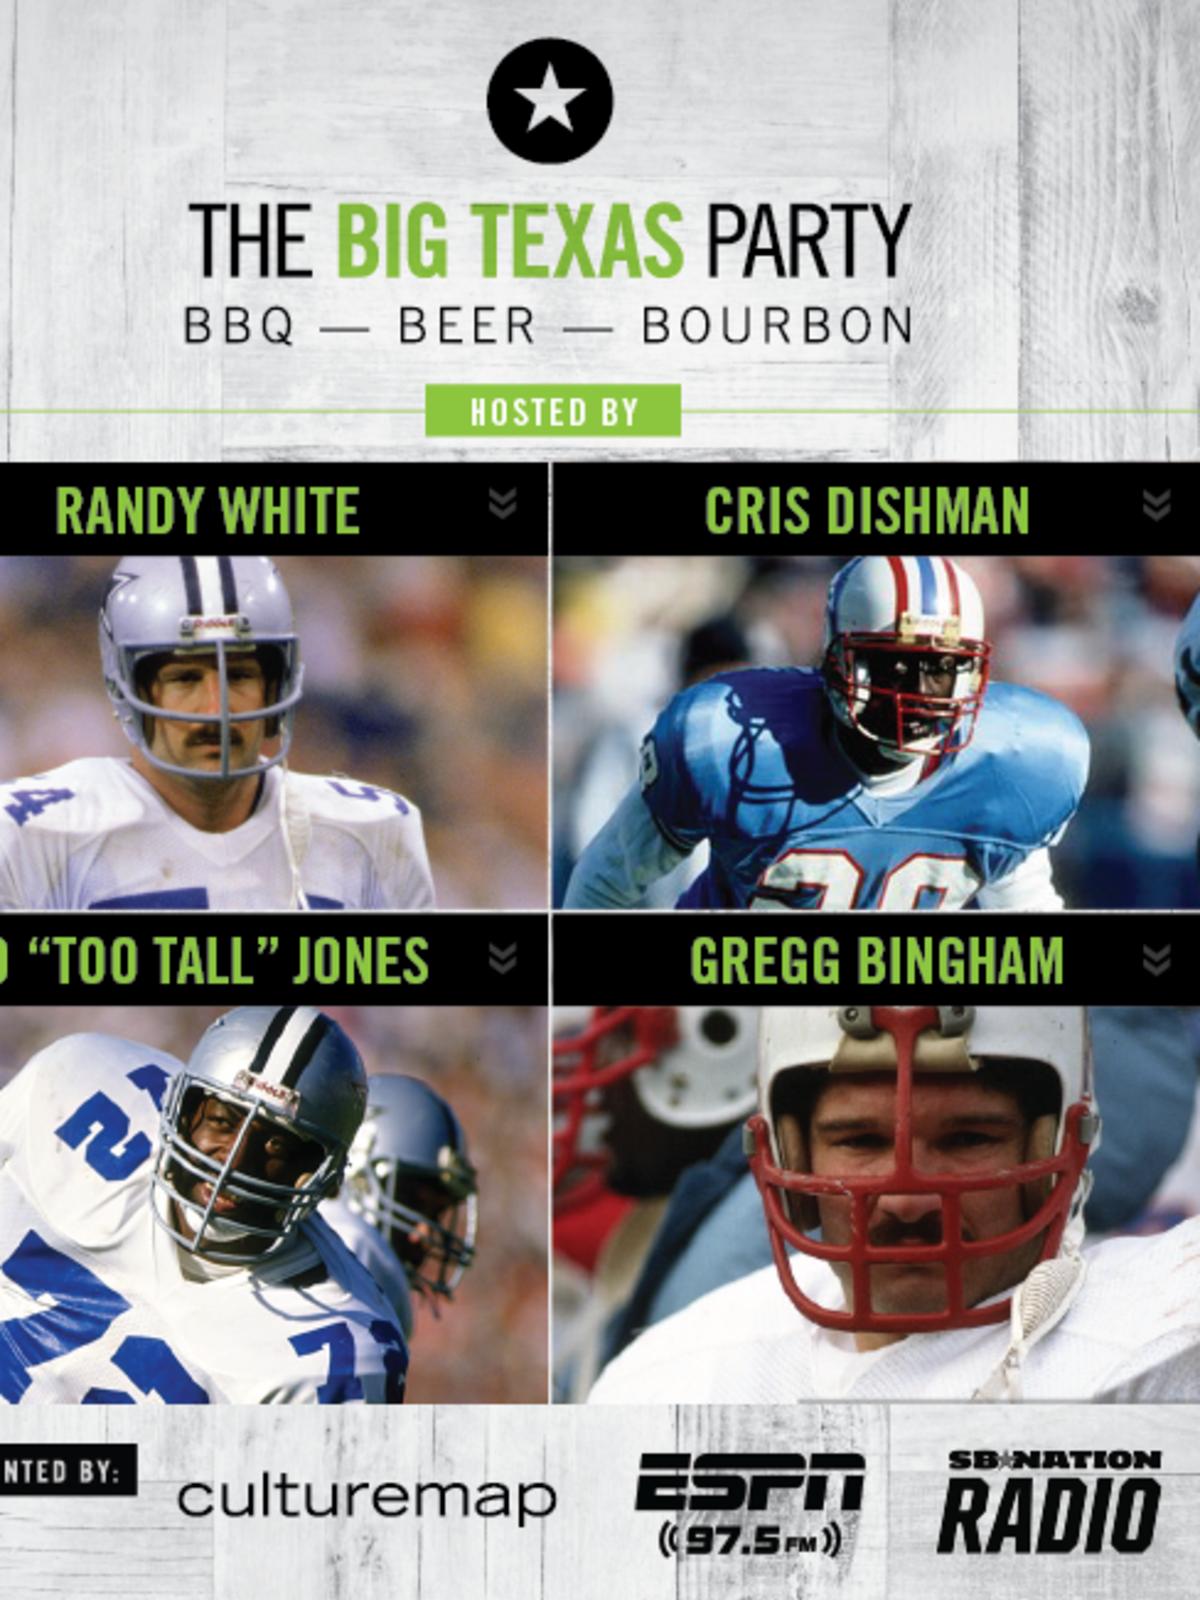 Big Texas Party hosts